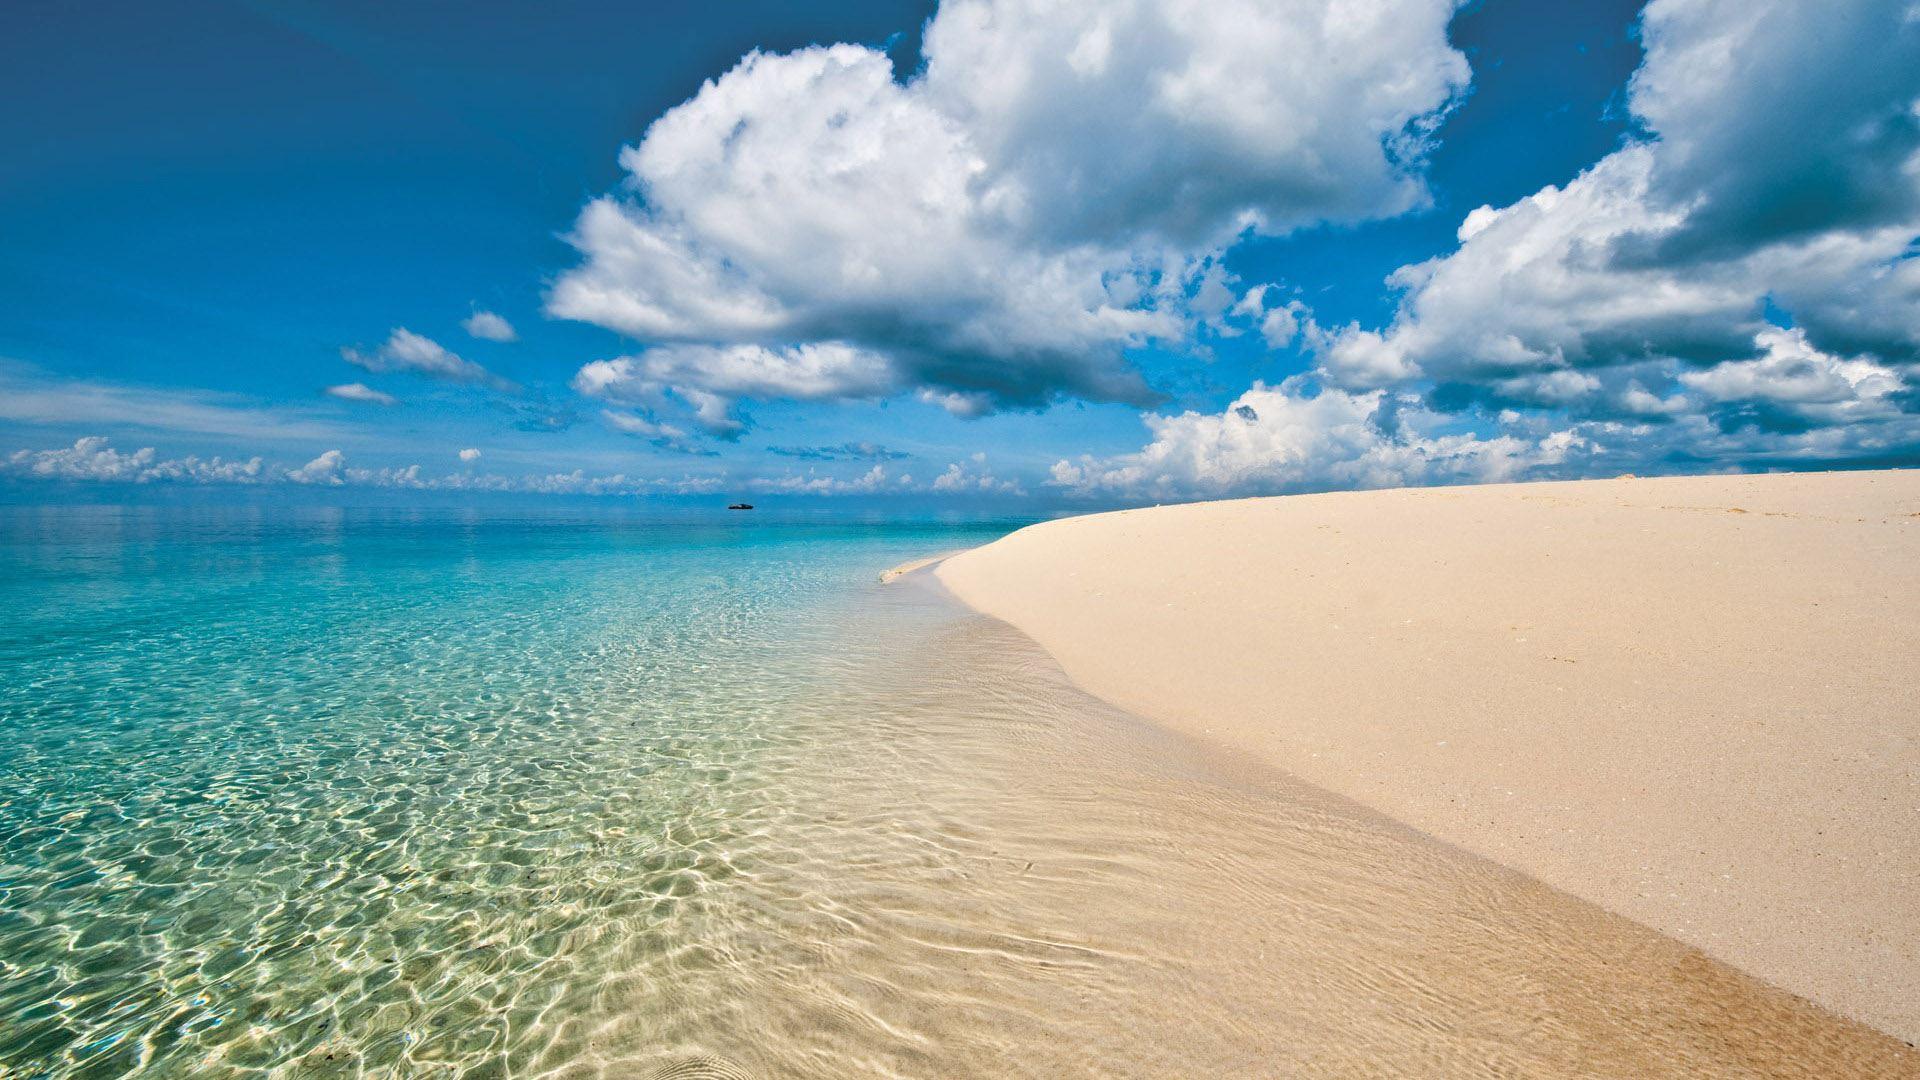 ザンジバル島 ヌングイビーチ